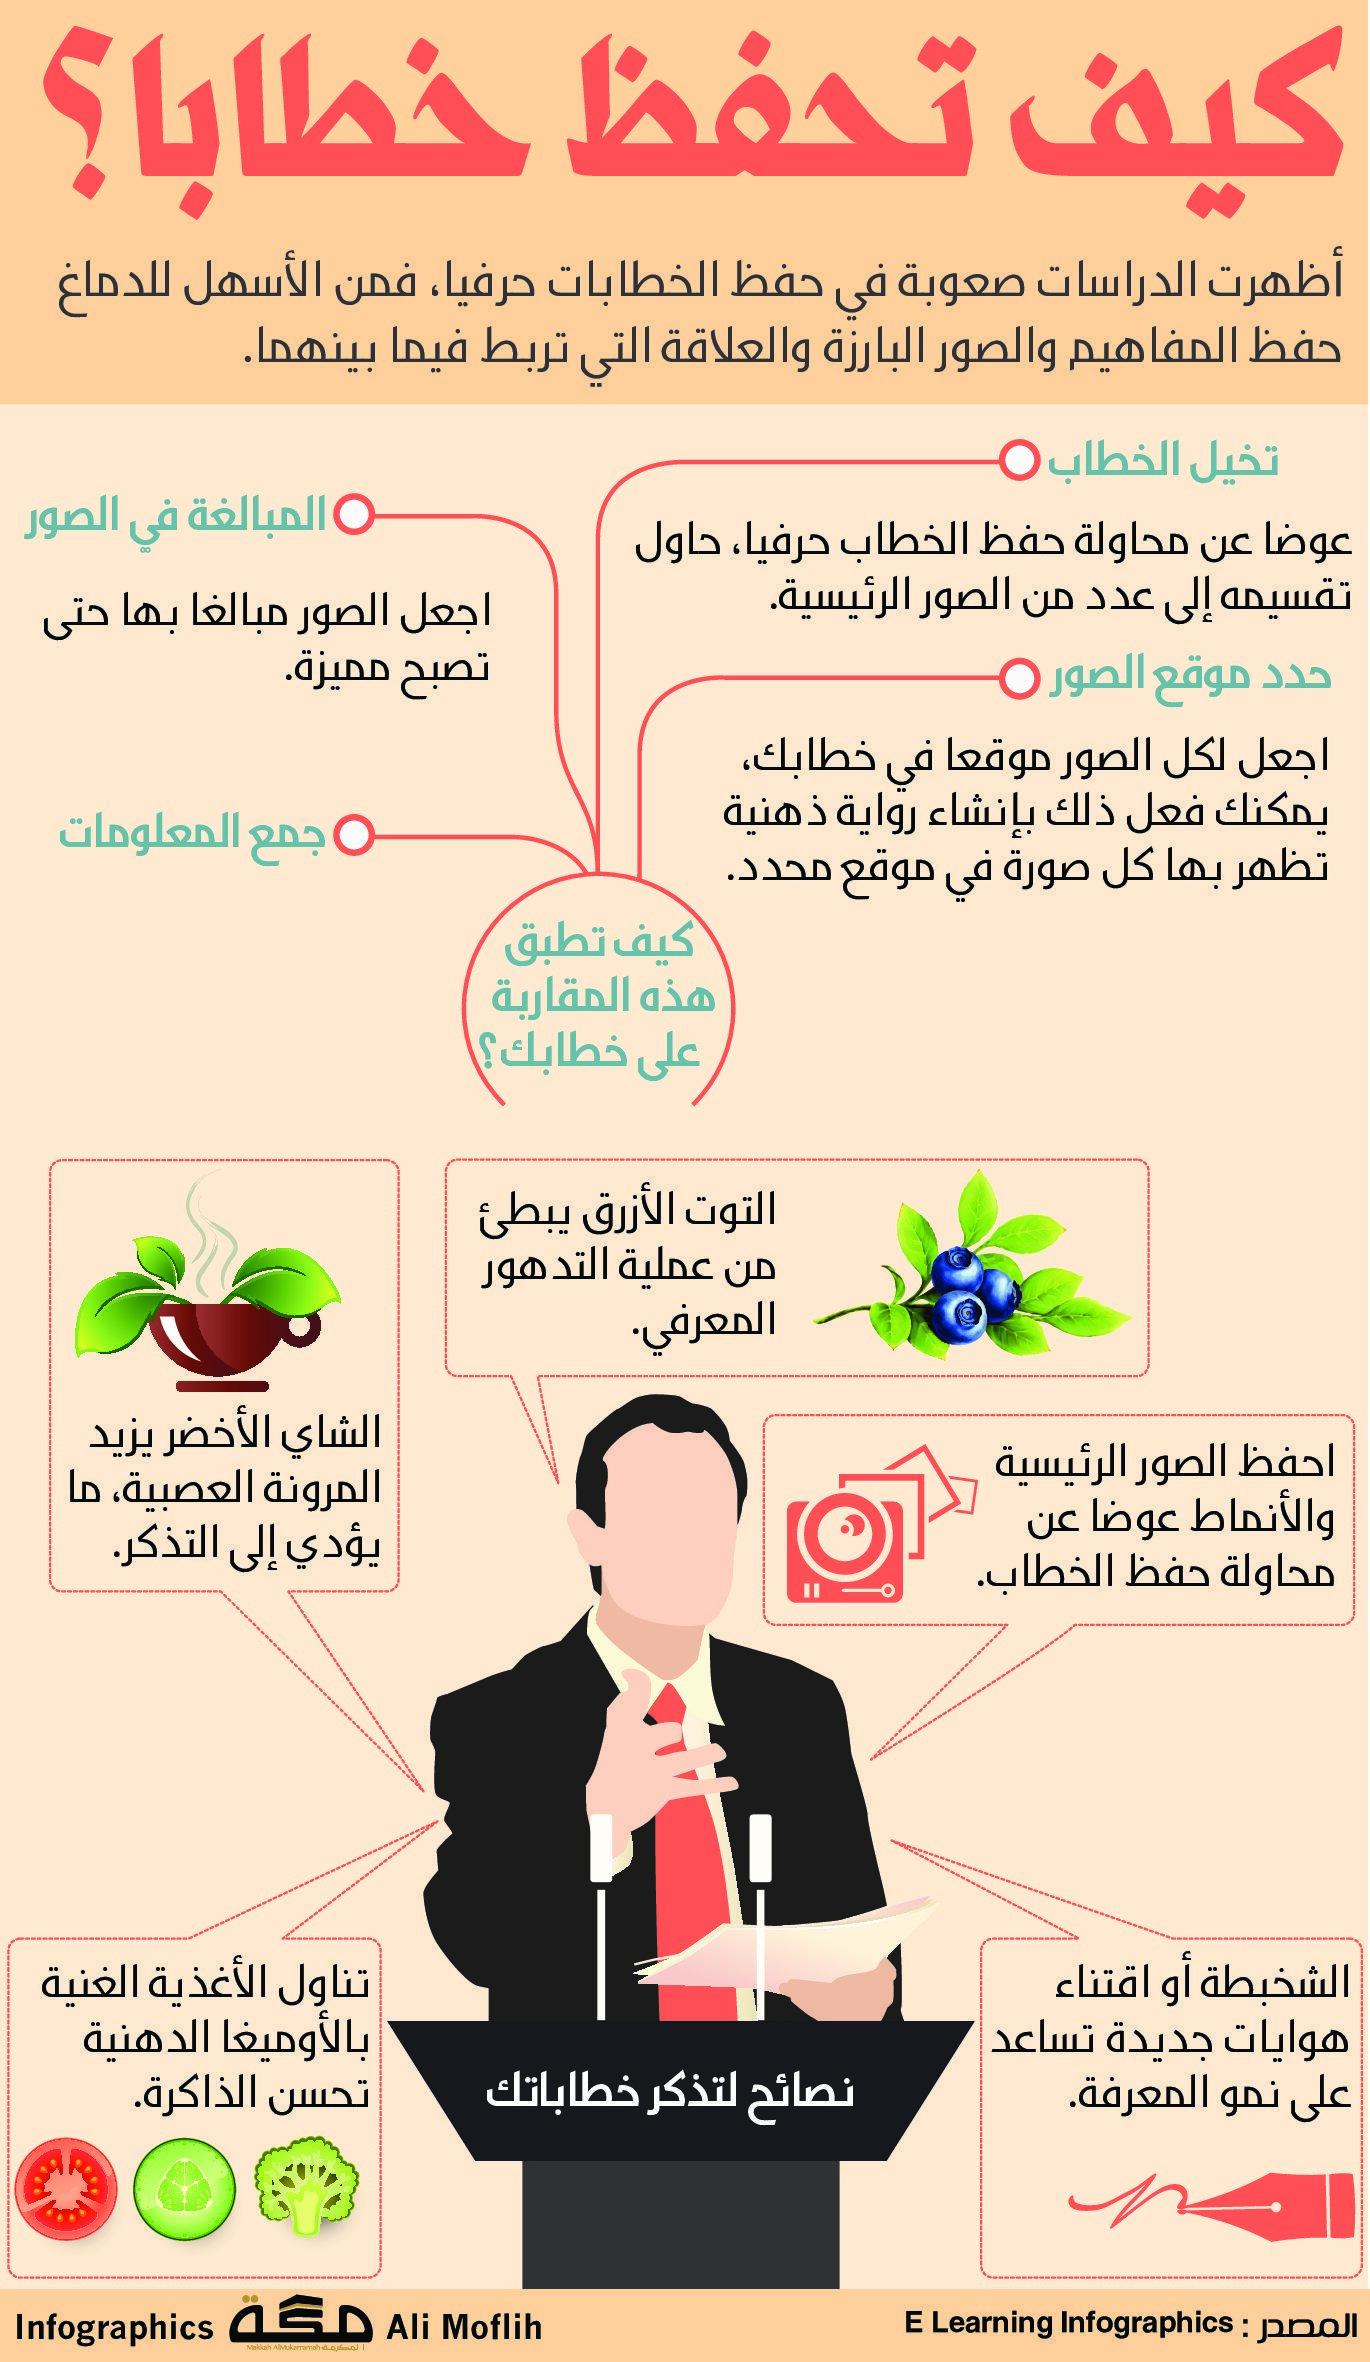 كيف تحفظ خطابا صحيفة مكة انفوجرافيك منوعات Infographic Graphic Design Map